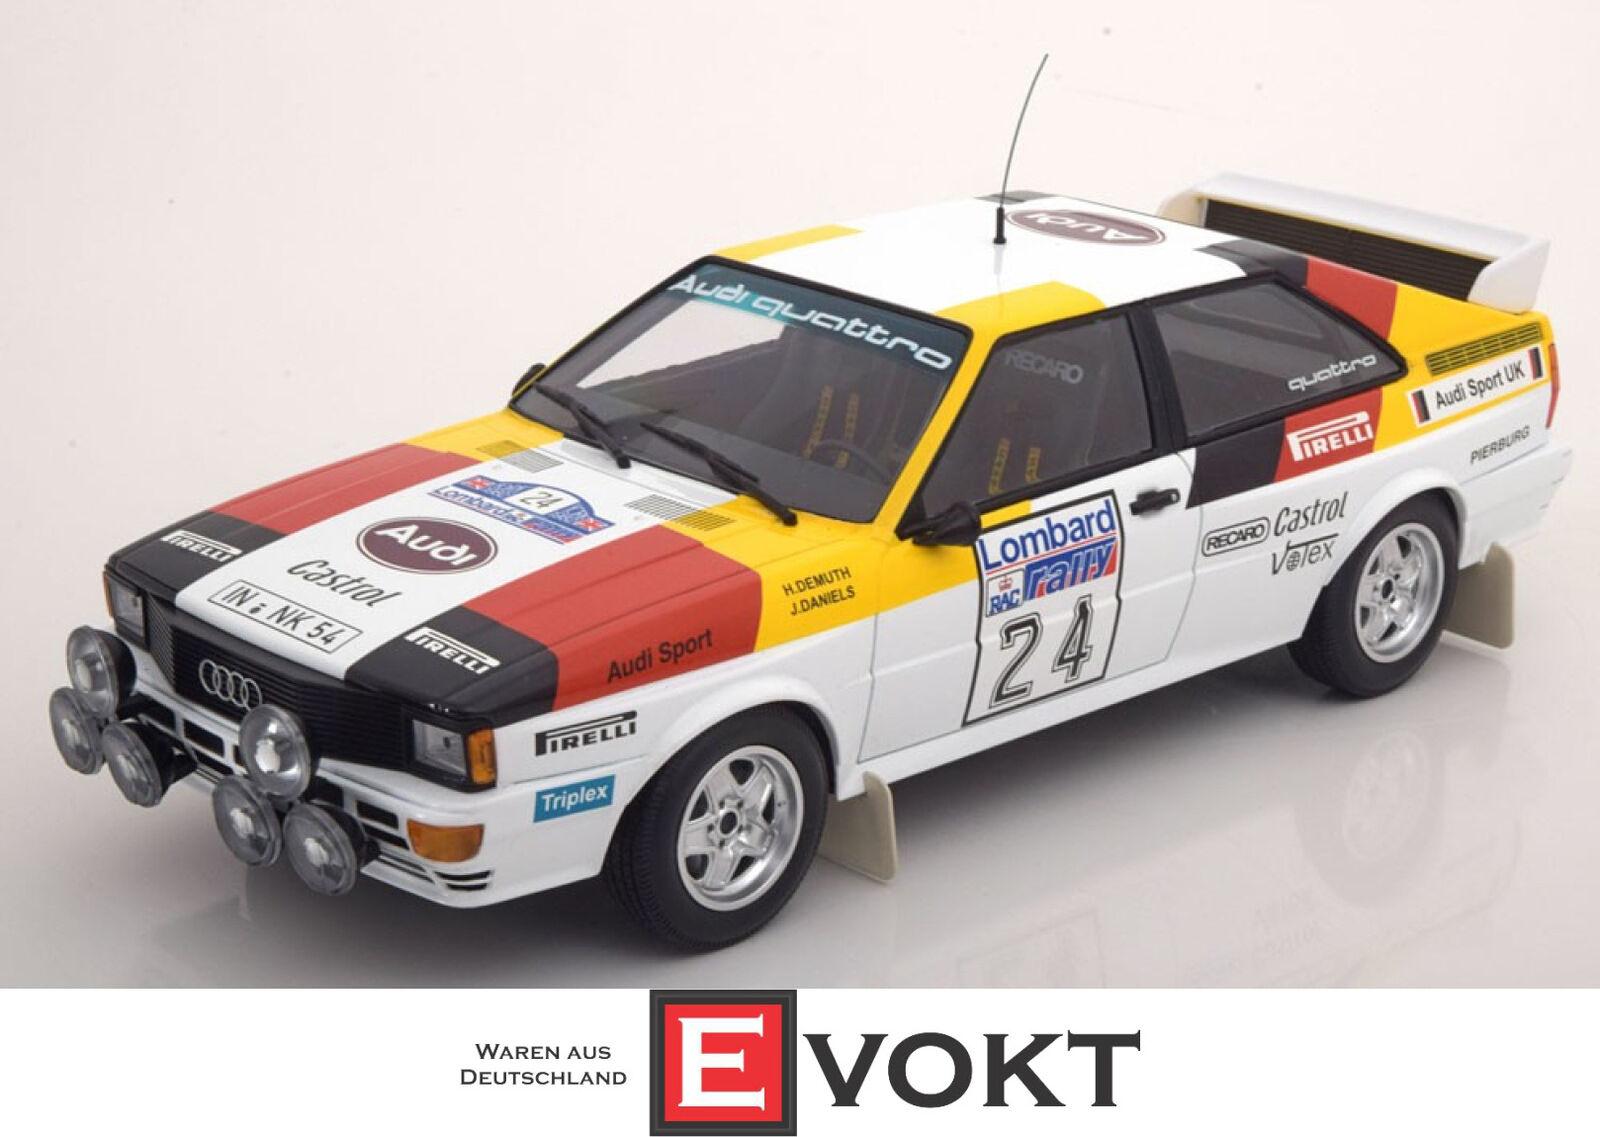 80% di sconto 1 18 Minichamps Audi Quattro   24 24 24 Lombard Rtuttiy 1982 Demuth   Daniels  sconto online di vendita